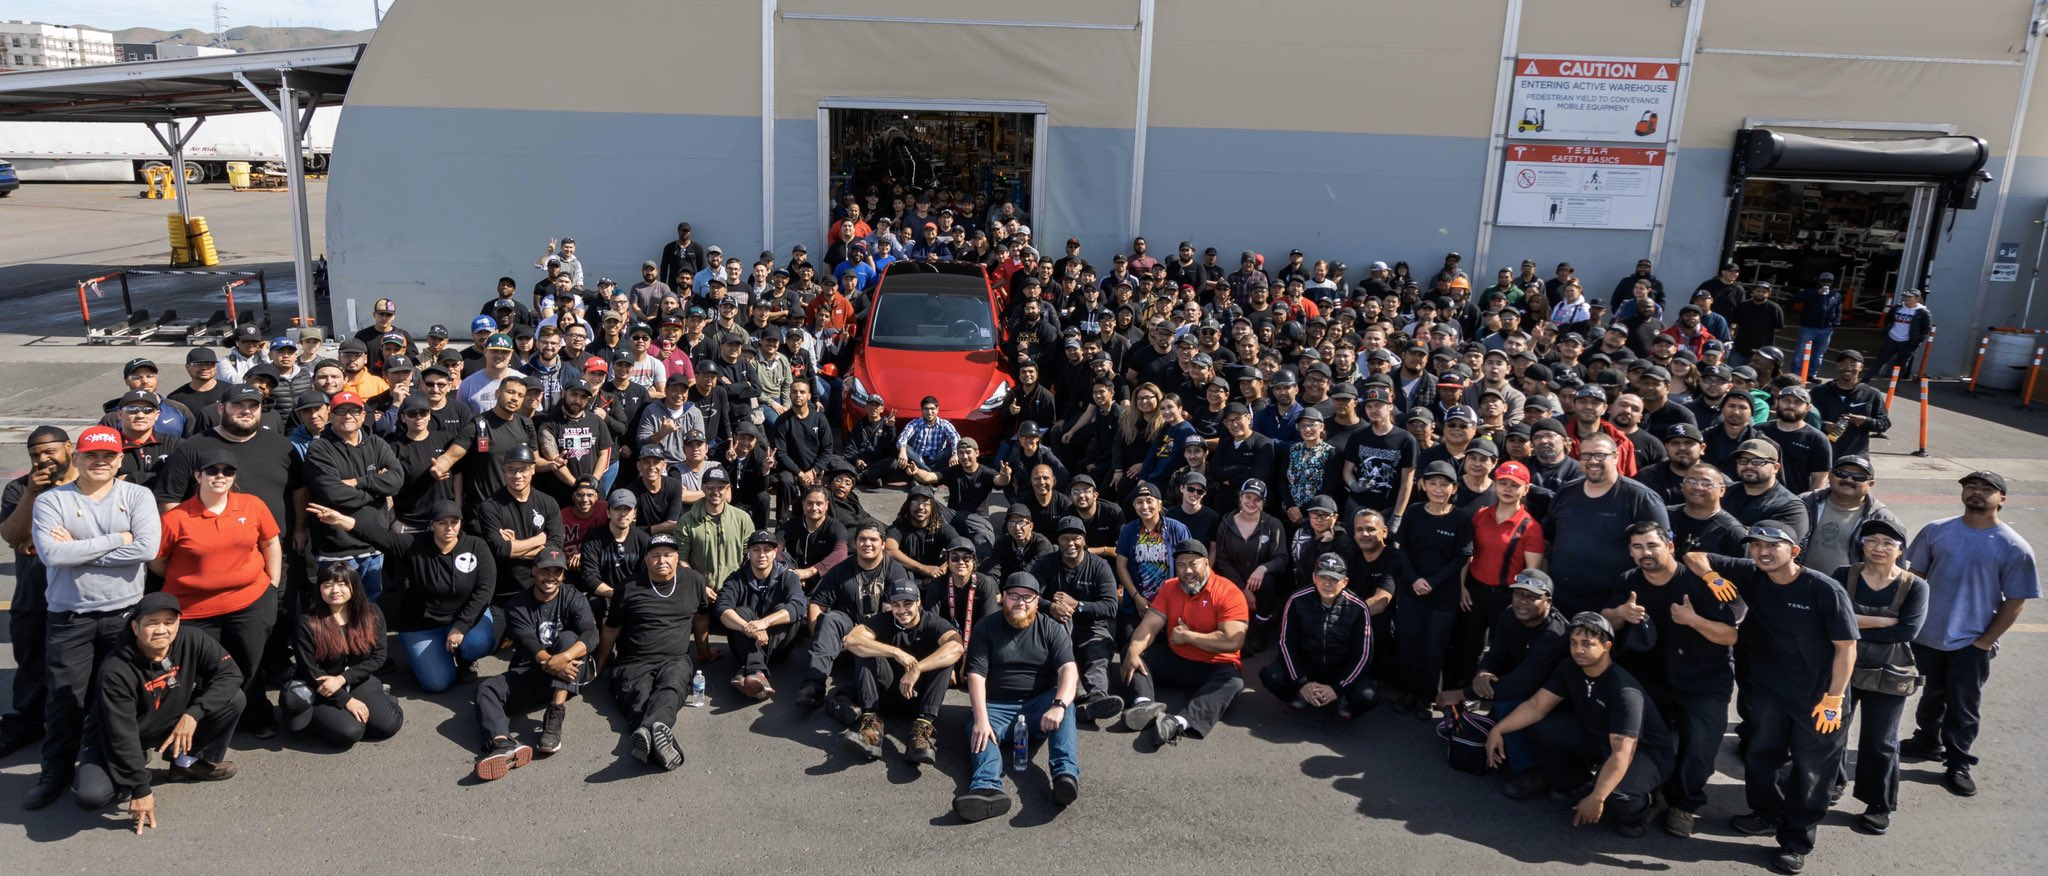 Tesla xuất xưởng chiếc xe thứ 1 triệu, trở thành nhà sản xuất xe điện lớn nhất thế giới